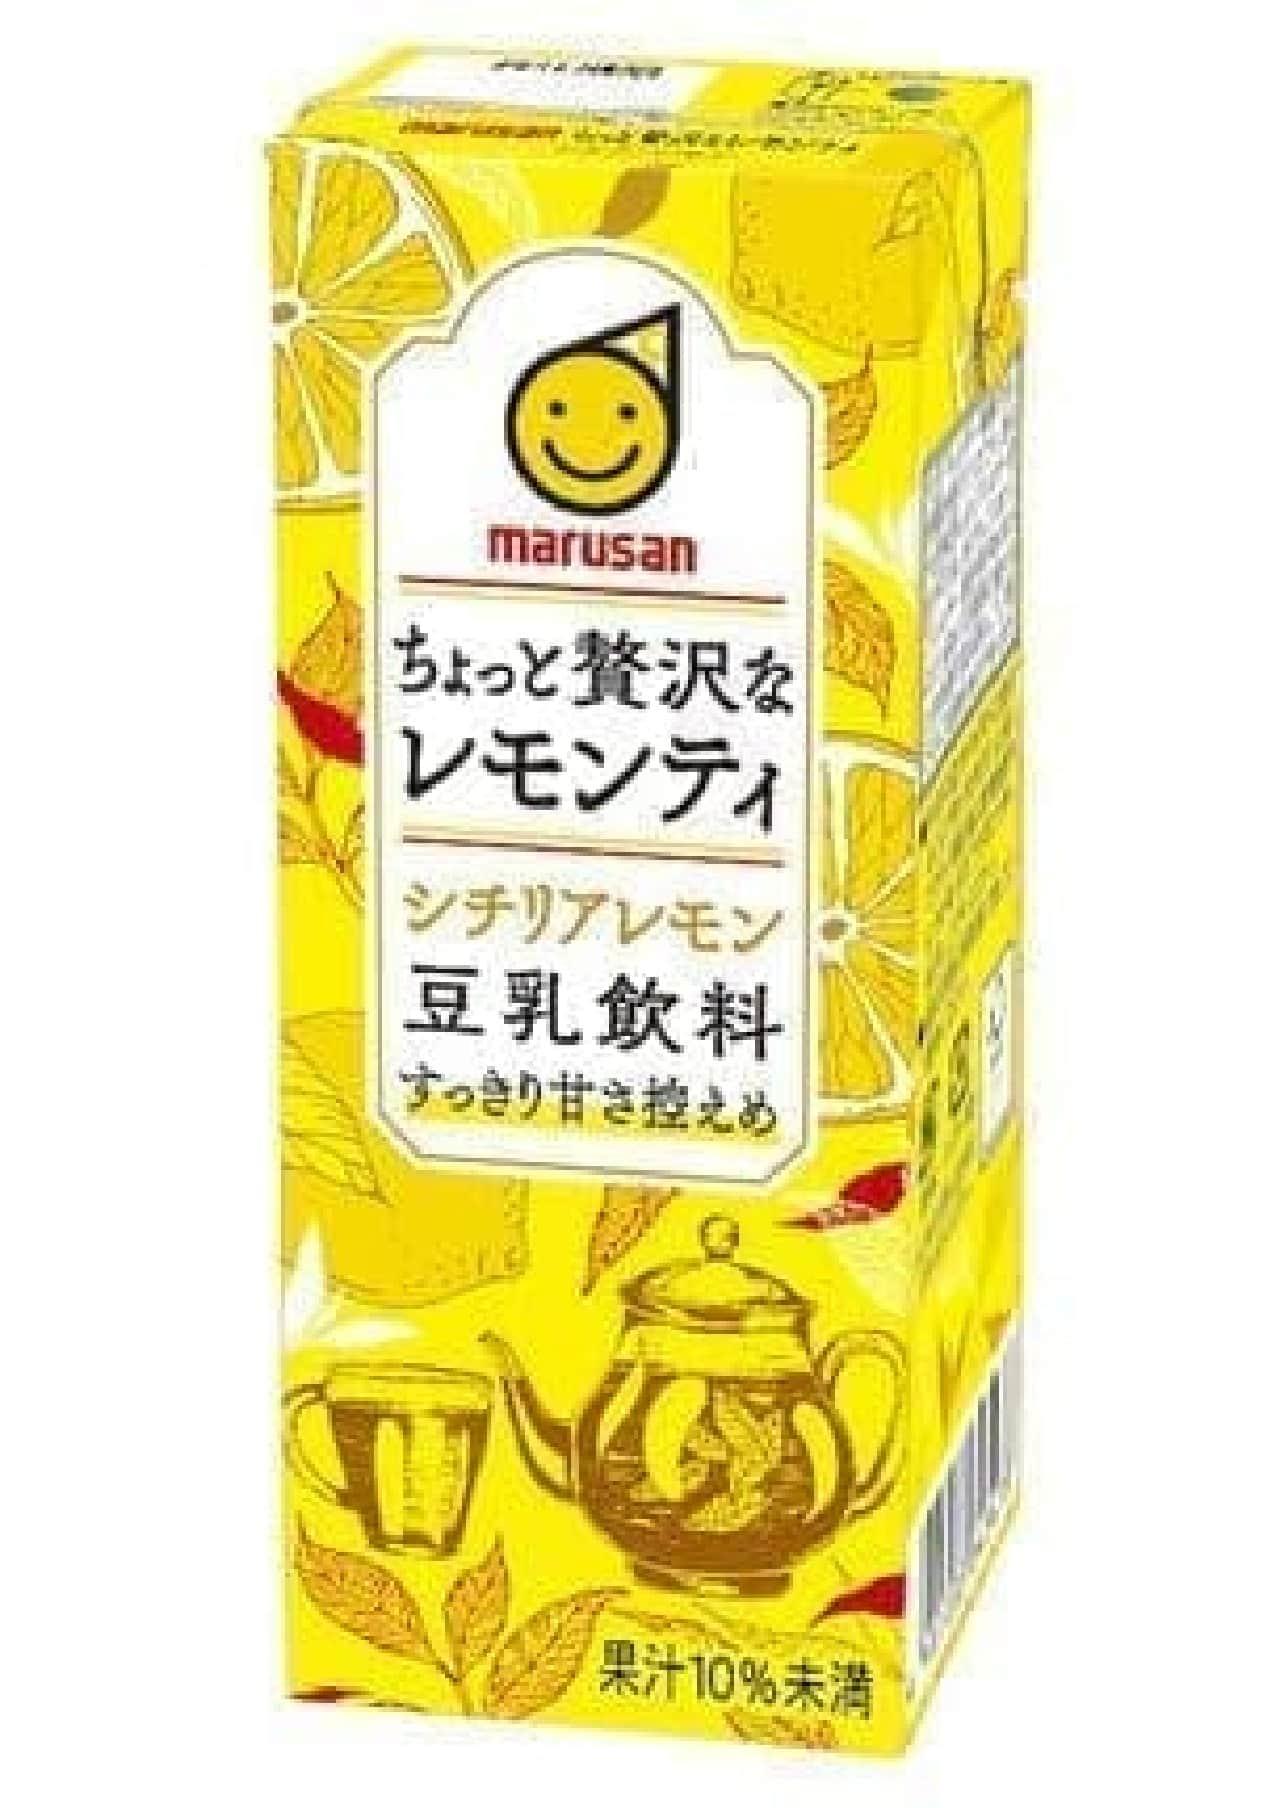 豆乳飲料ちょっと贅沢なレモンティシチリアレモン